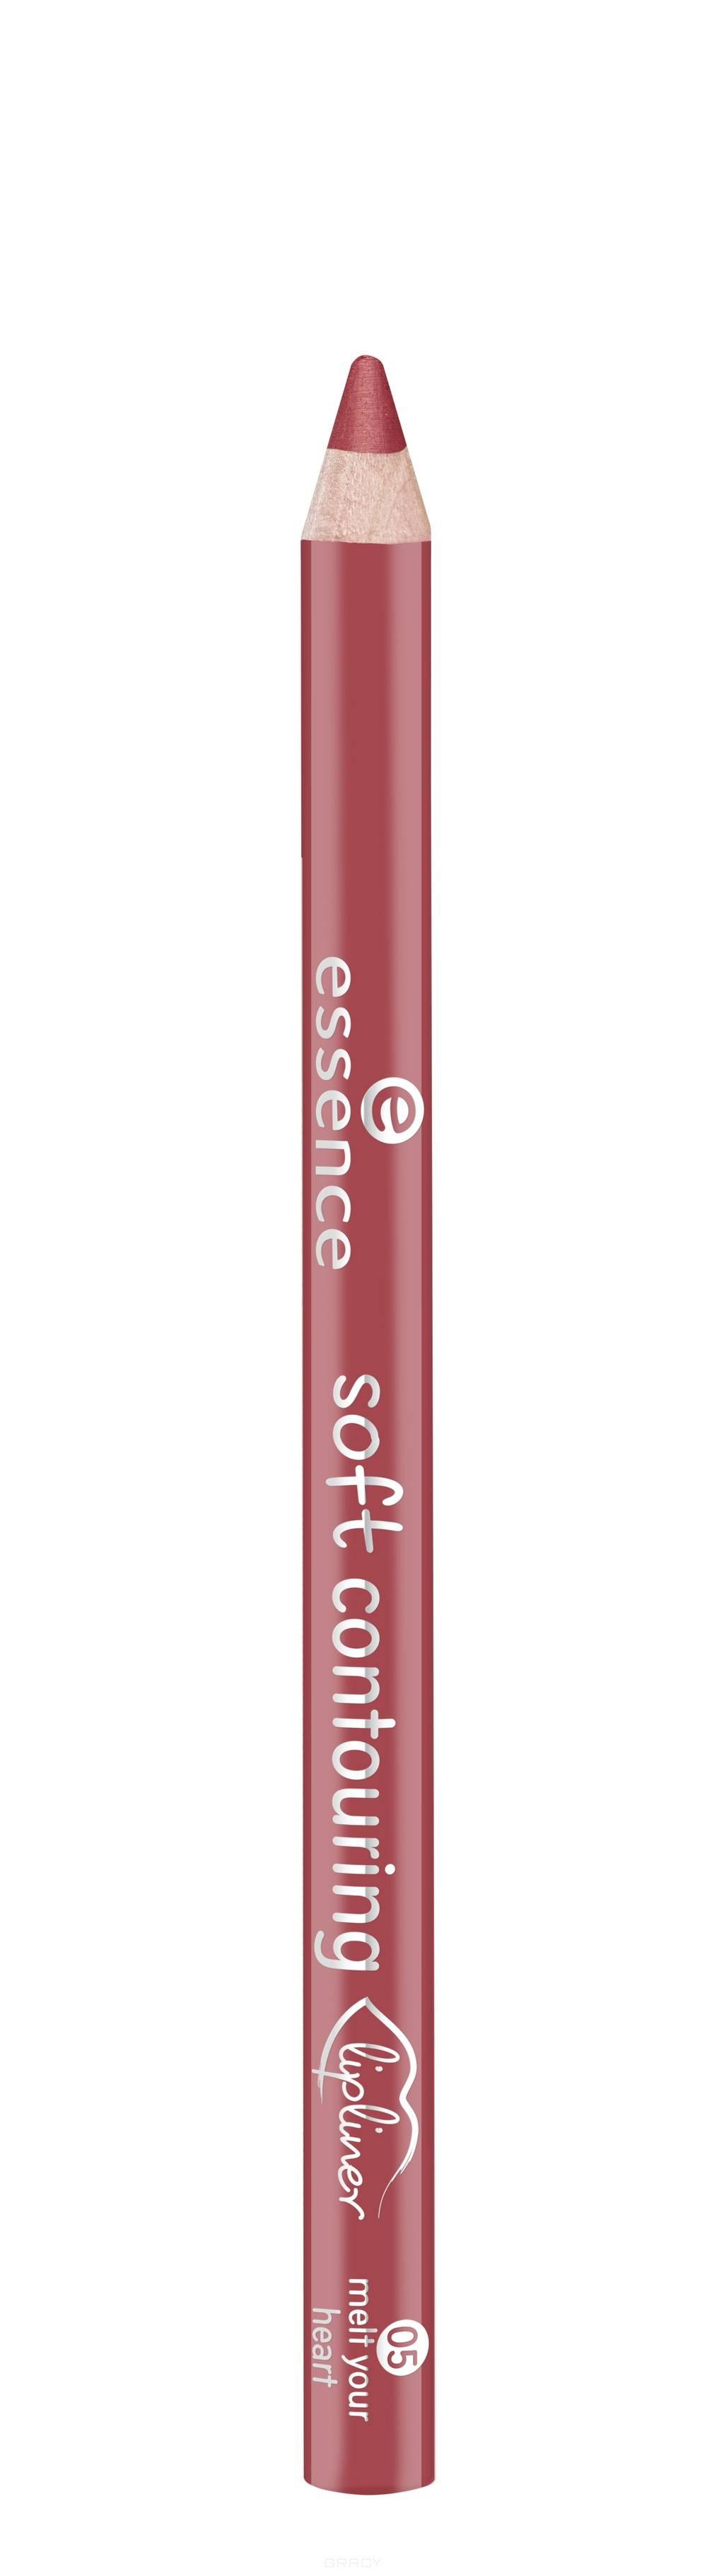 Купить Essence, Контур для губ Soft Contouring Lipliner (11 тонов) №05, коричнево-красный